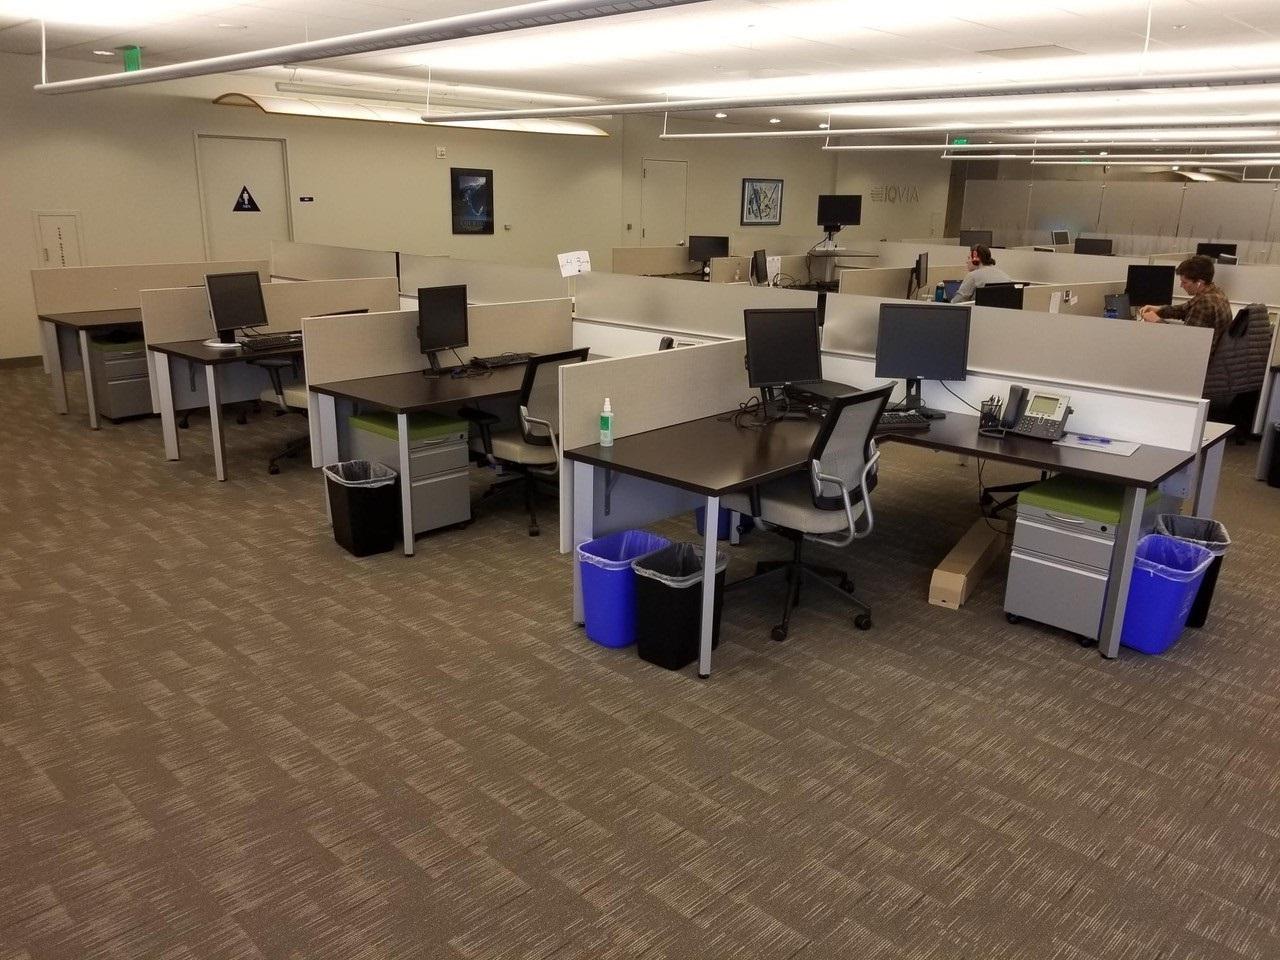 Enwork Grid 6×6 Workstations